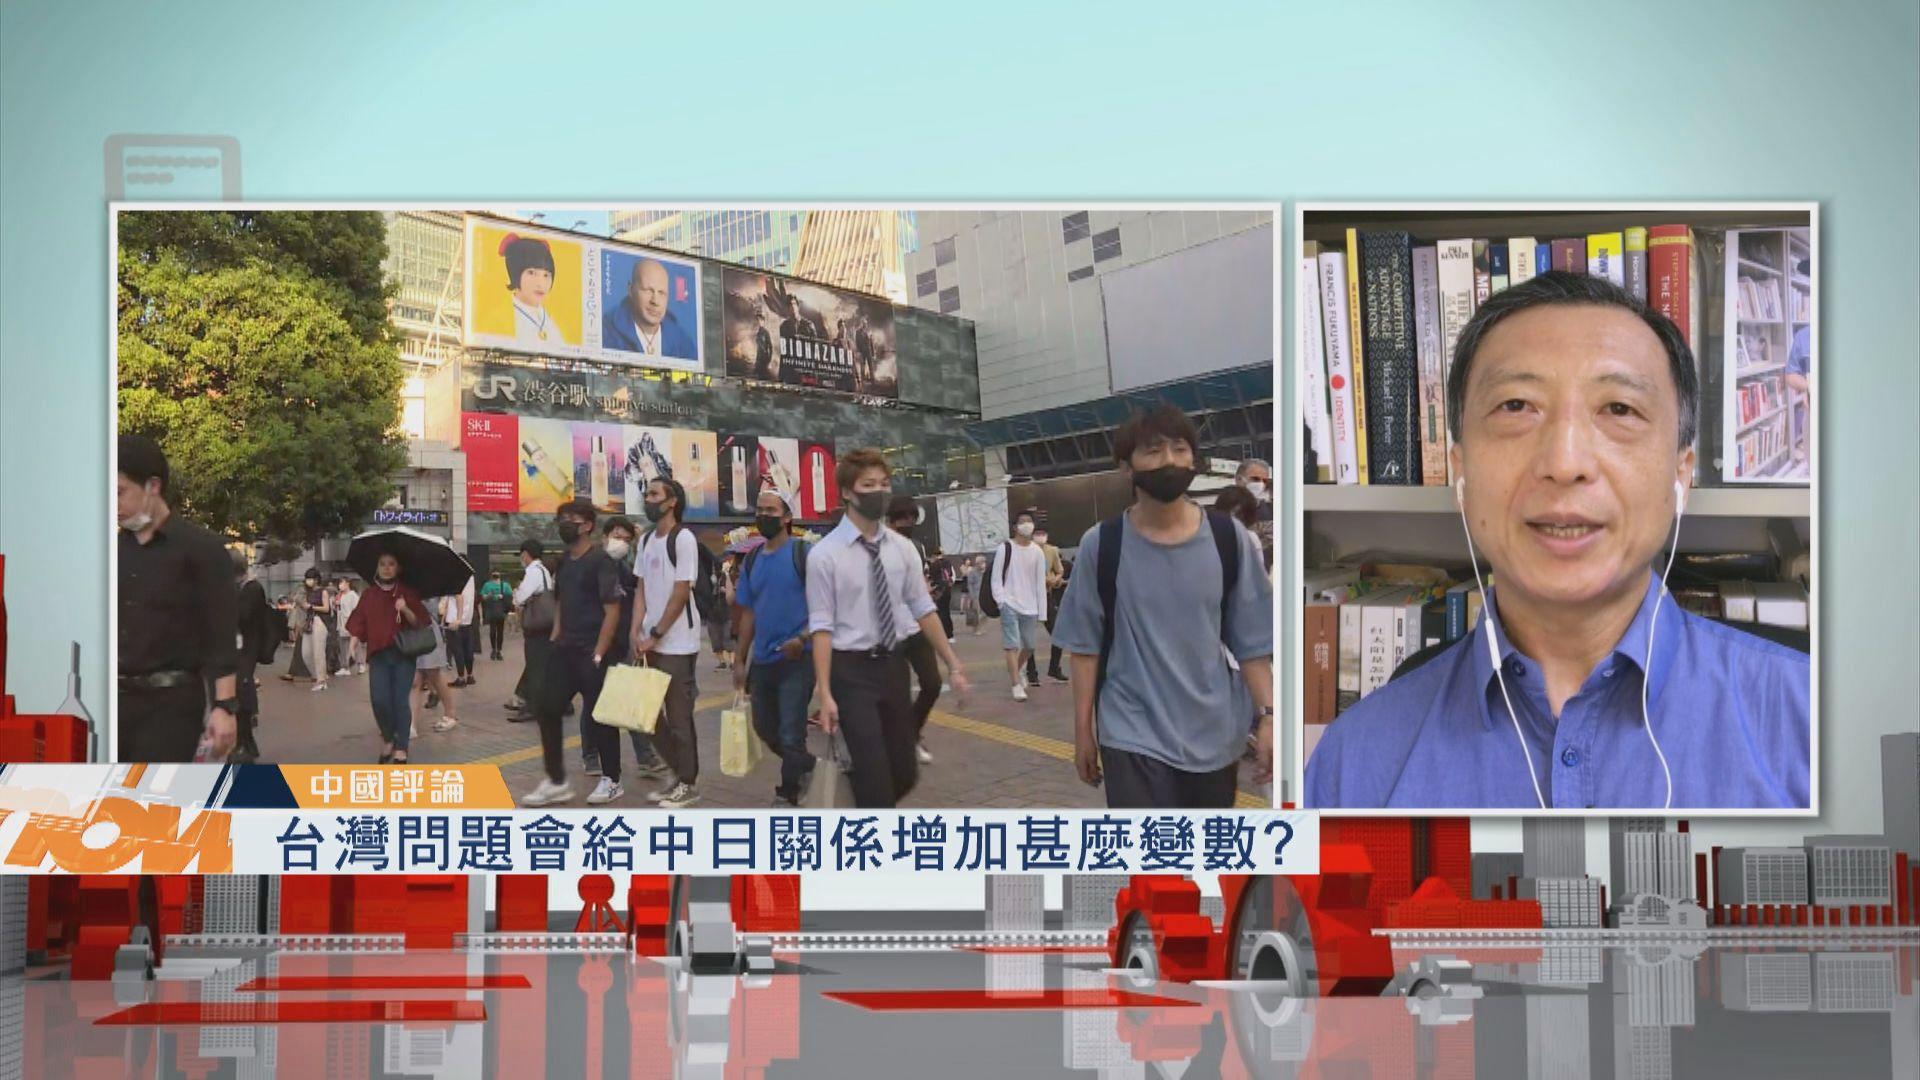 【中國評論】台灣問題會給中日關係增加甚麼變數?